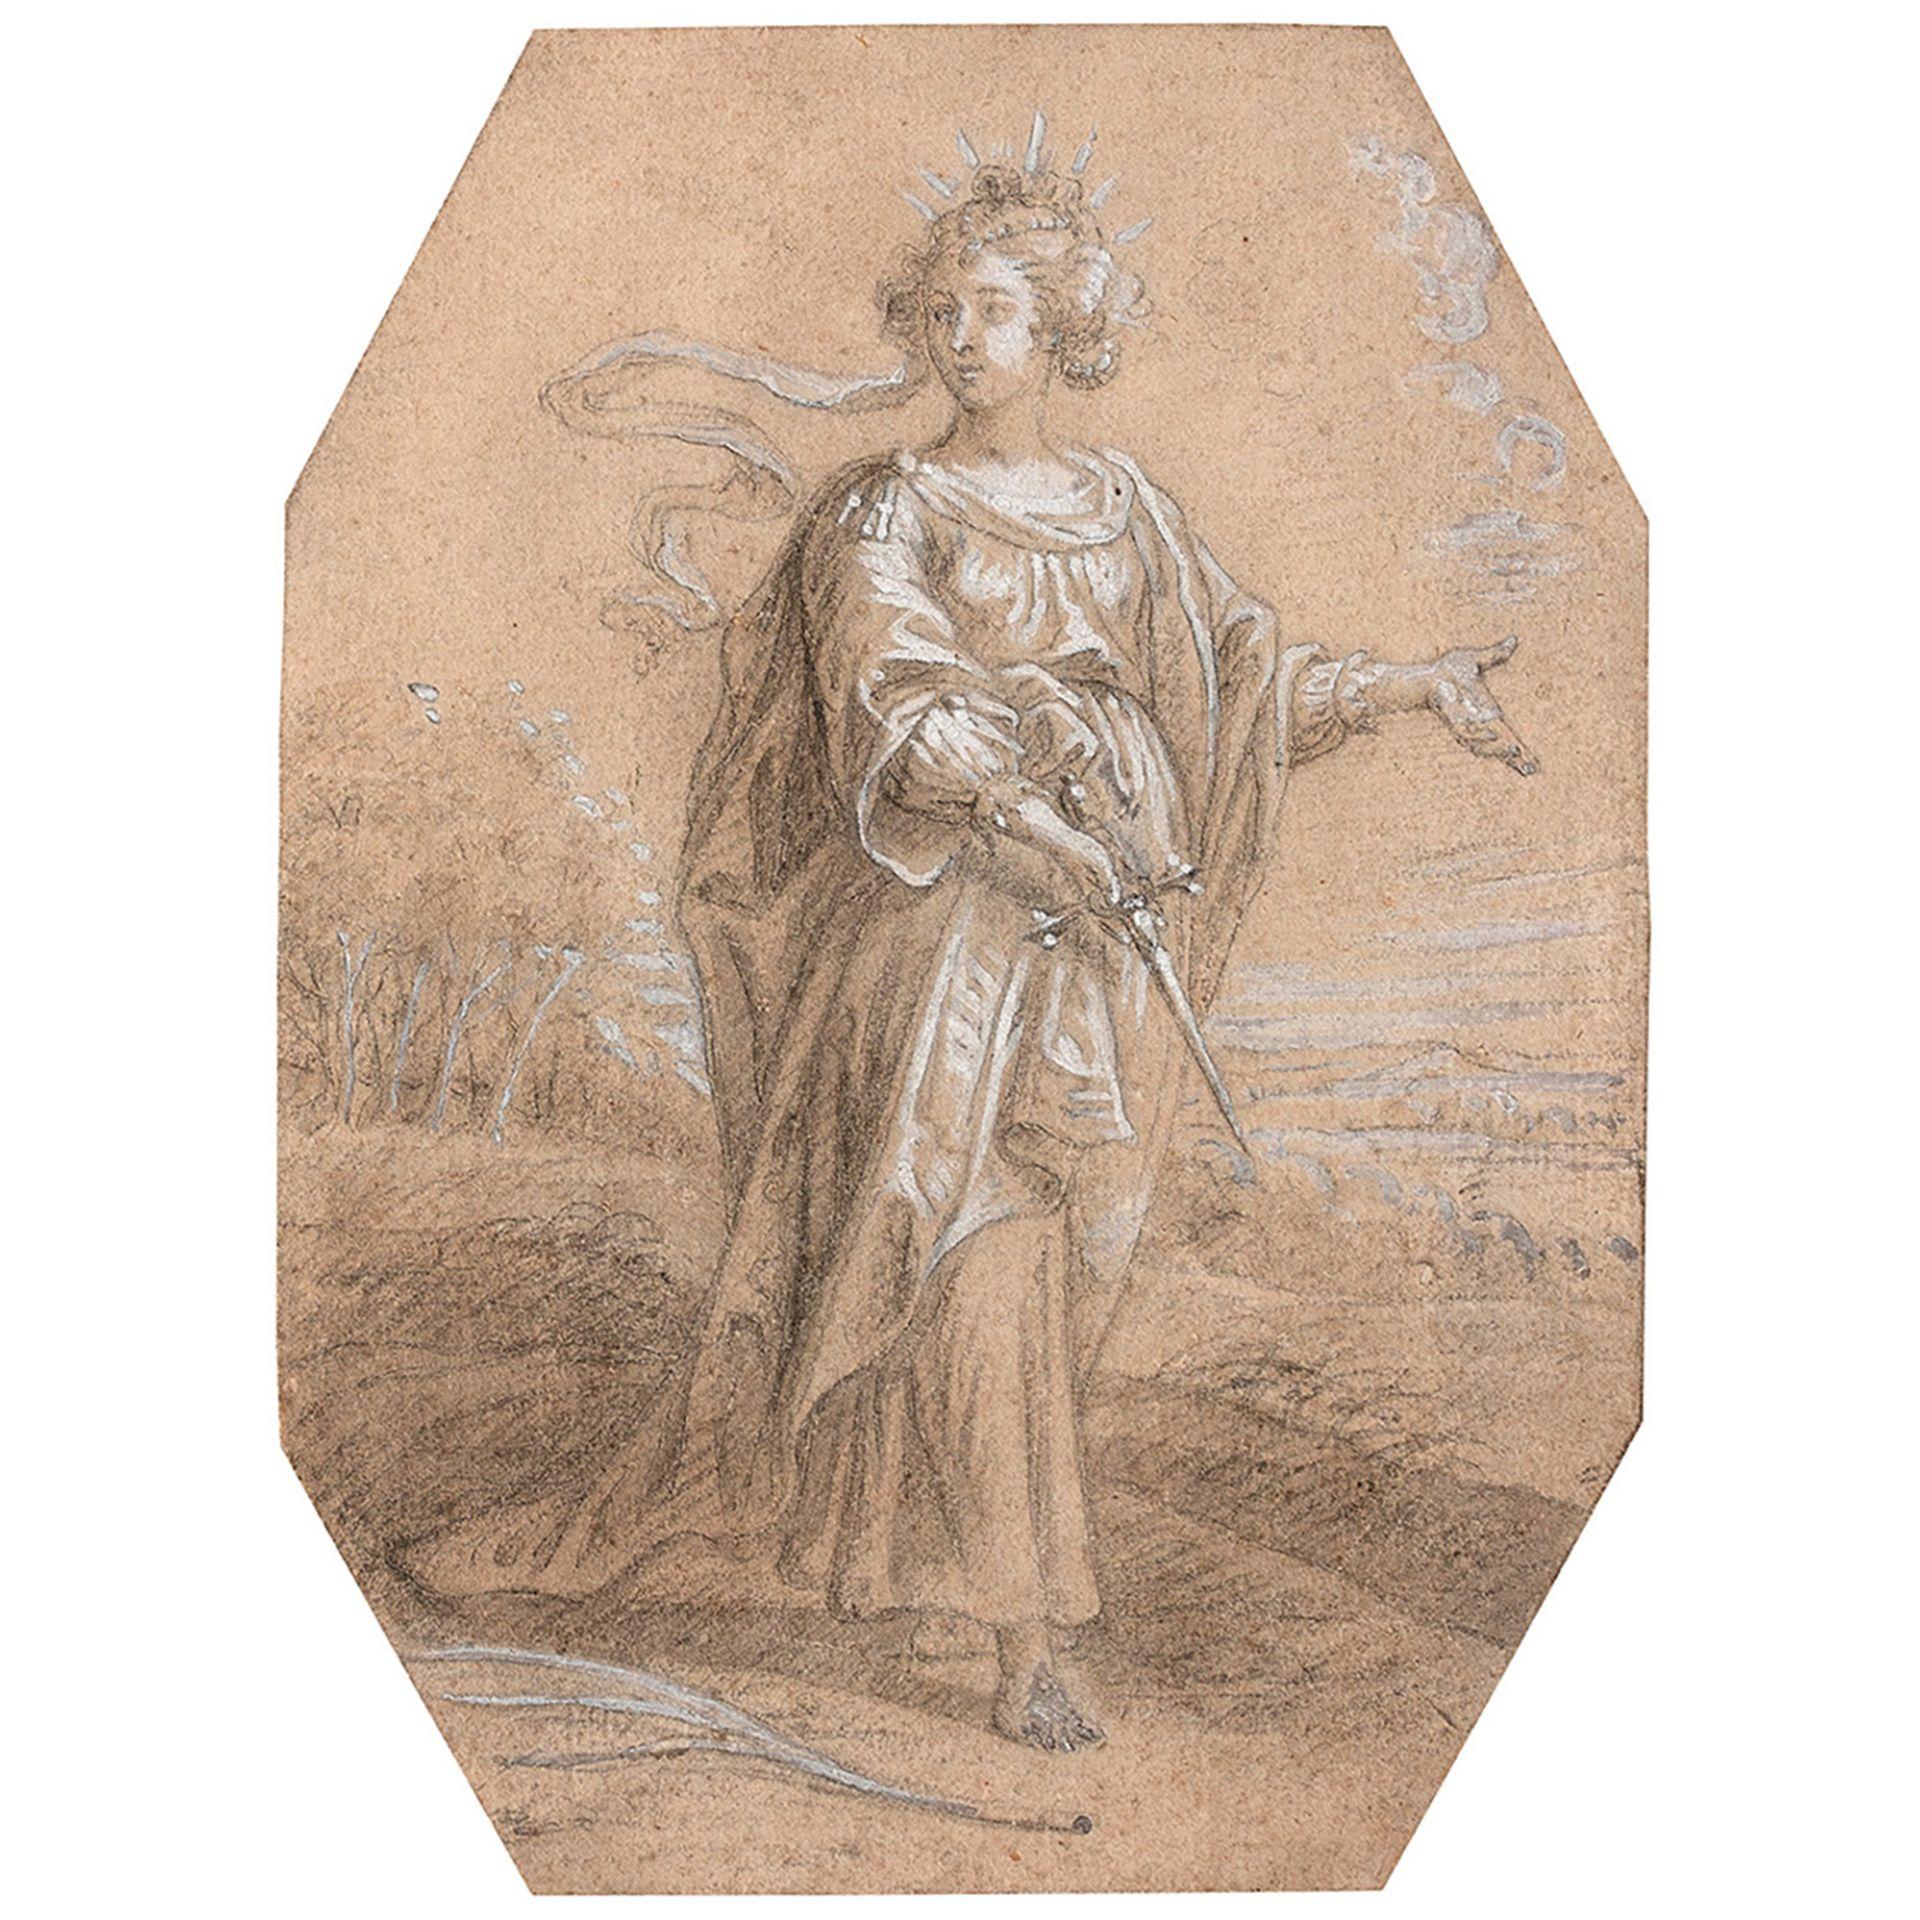 ÉCOLE FLAMANDE DU XVIIe SIÈCLE, ENTOURAGE D'ABRAHAM VAN DIEPENBEECK - Bild 3 aus 3